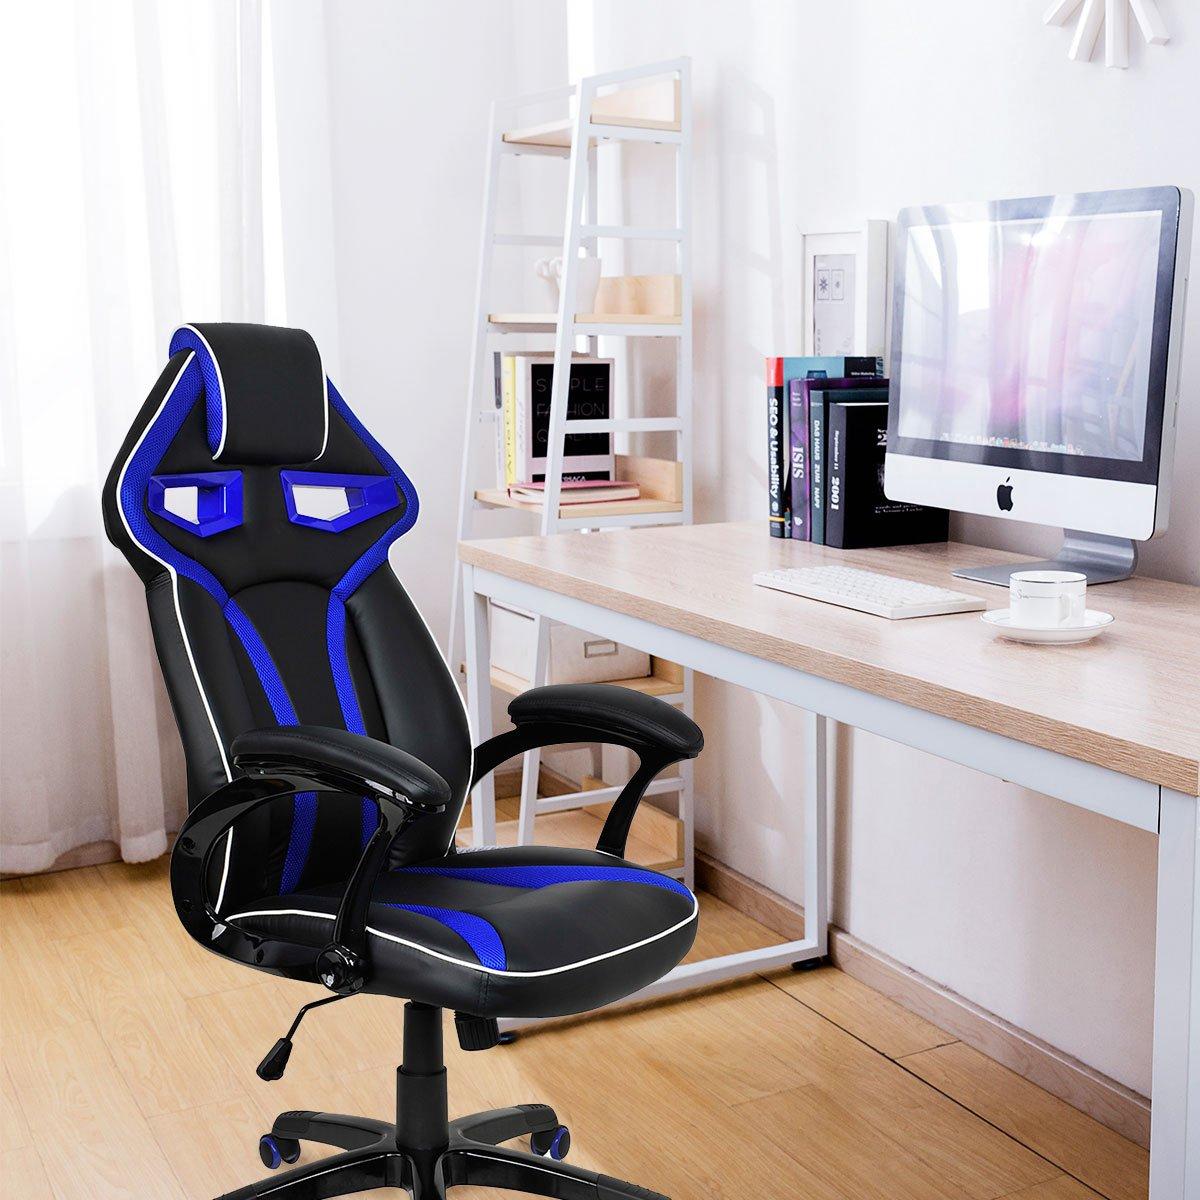 Costway Racing Stuhl Burostuhl Gaming Schreibtischstuhl